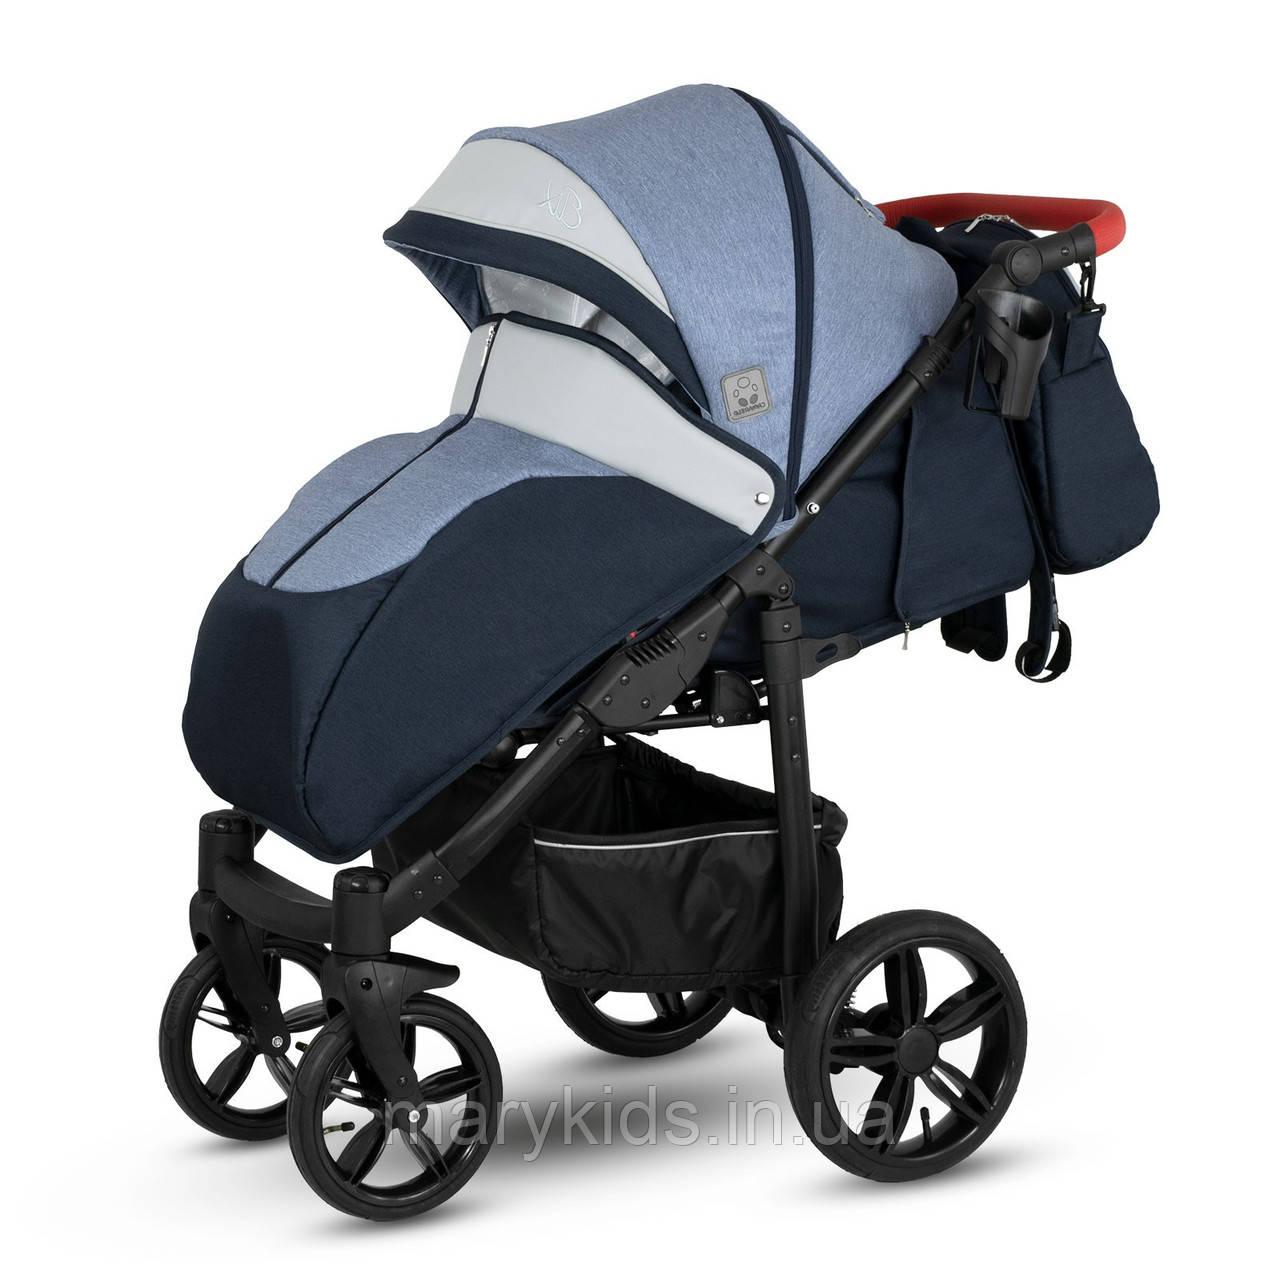 Детская универсальная прогулочная коляска Camarelo Elix Ex-4